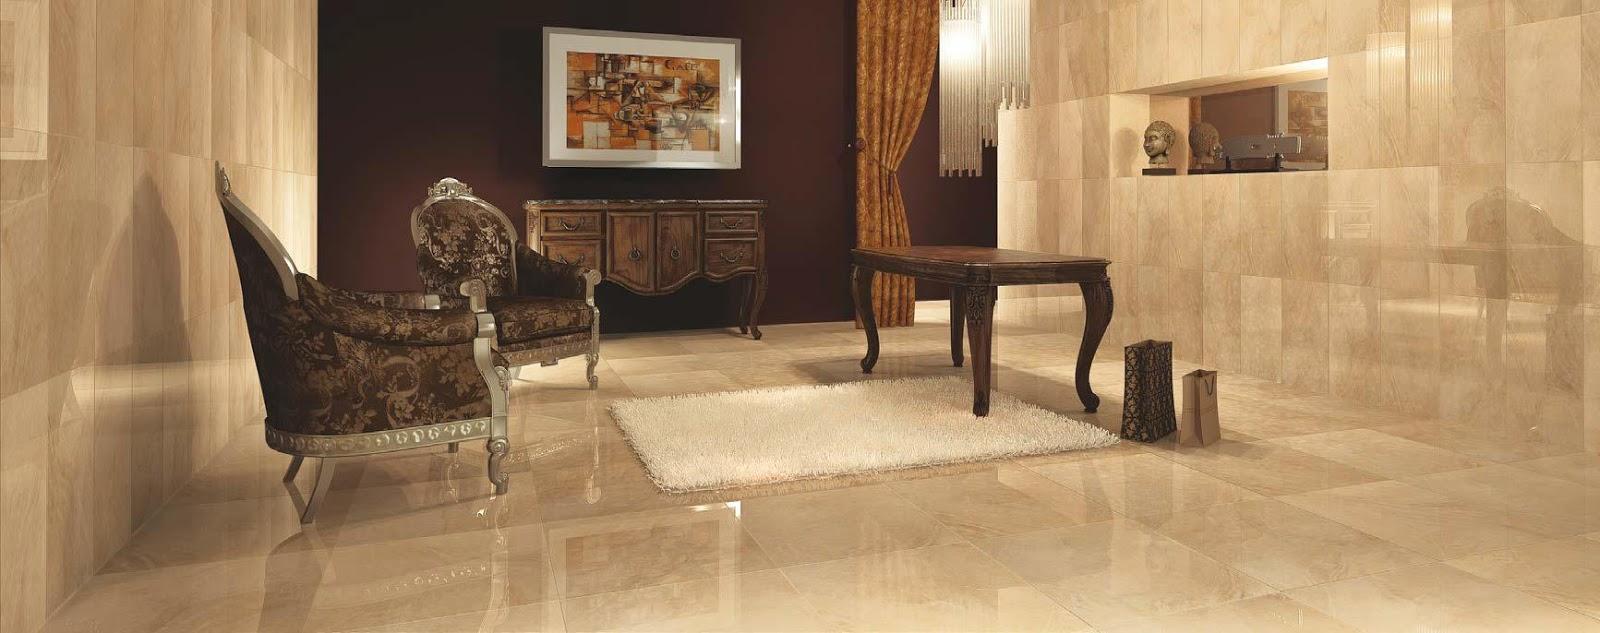 Pavimentos porcelanicos interior - Pavimentos porcelanicos interior ...